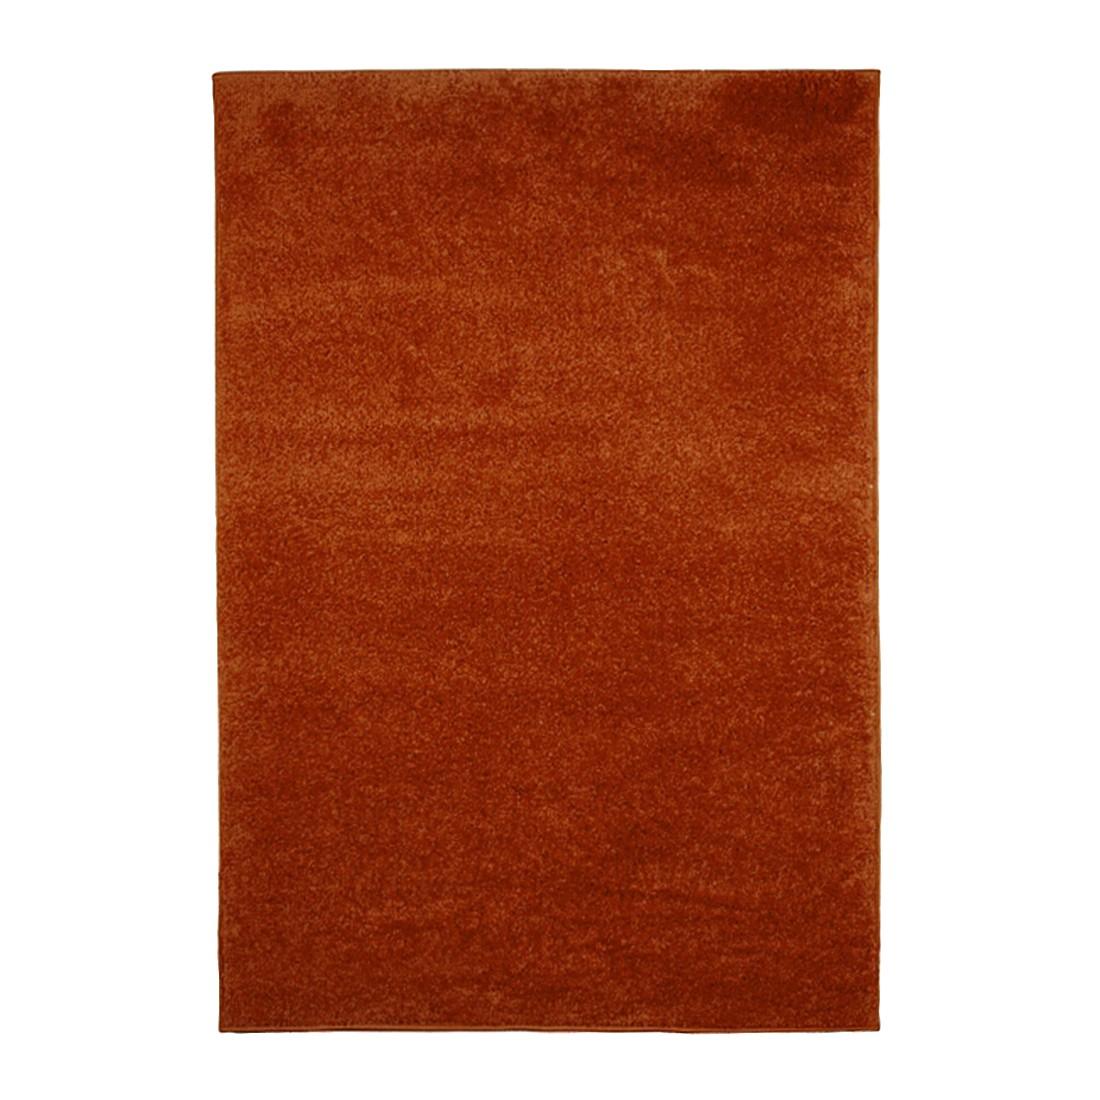 Teppich Primo 2020 – Terra – 230 x 160 cm, KC-Handel günstig online kaufen